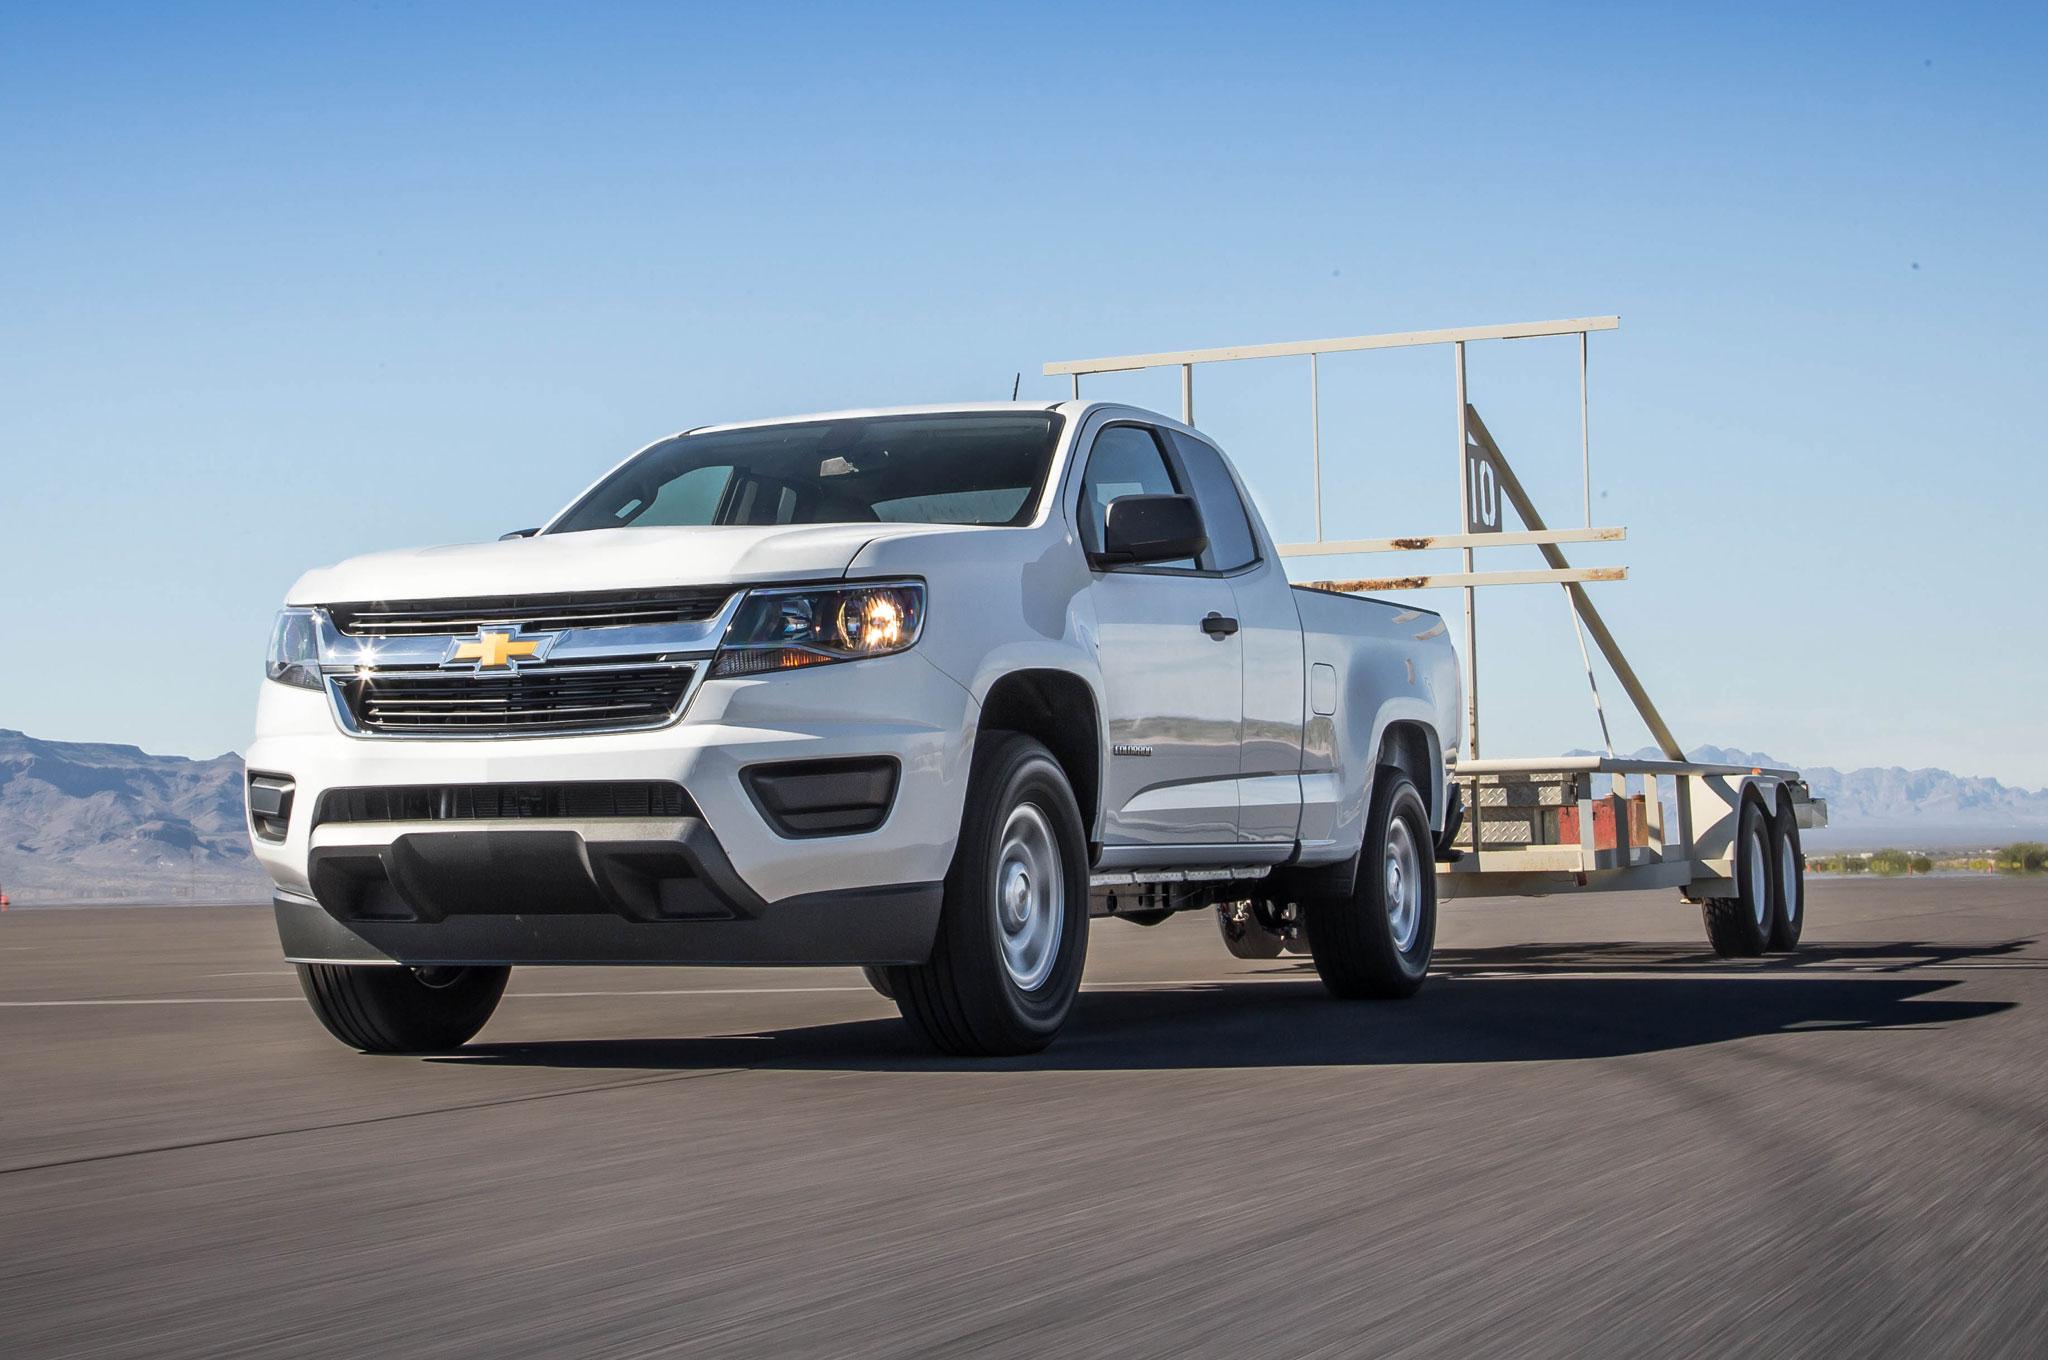 2015 Chevrolet Colorado WT 25 Trailer